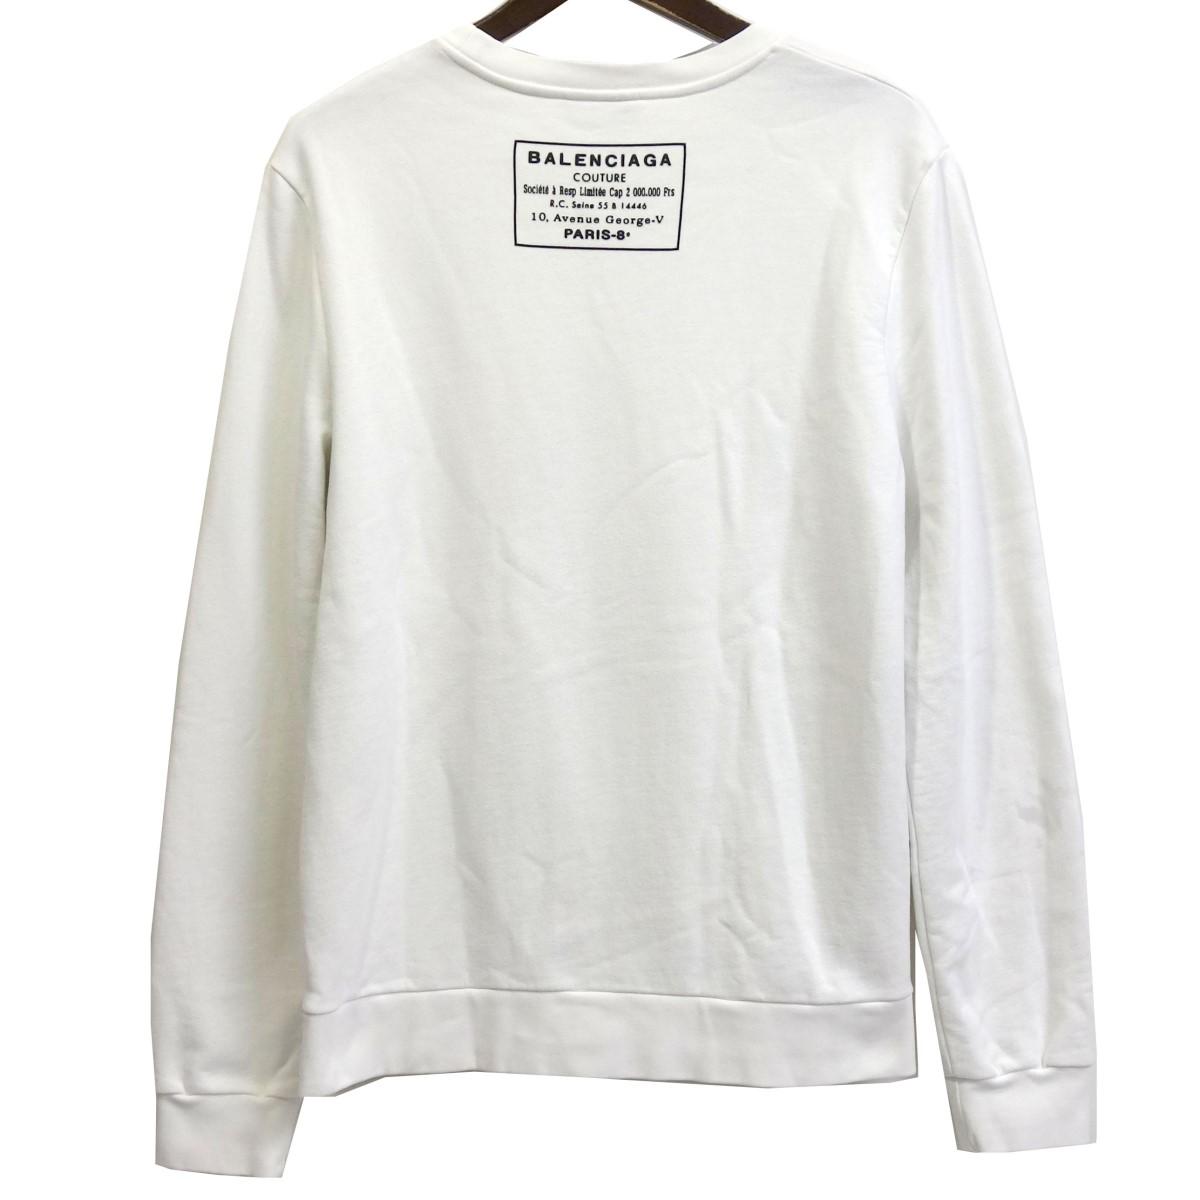 【中古】BALENCIAGA 15SS 375854 バックプリントスウェット ホワイト サイズ:S 【030420】(バレンシアガ)